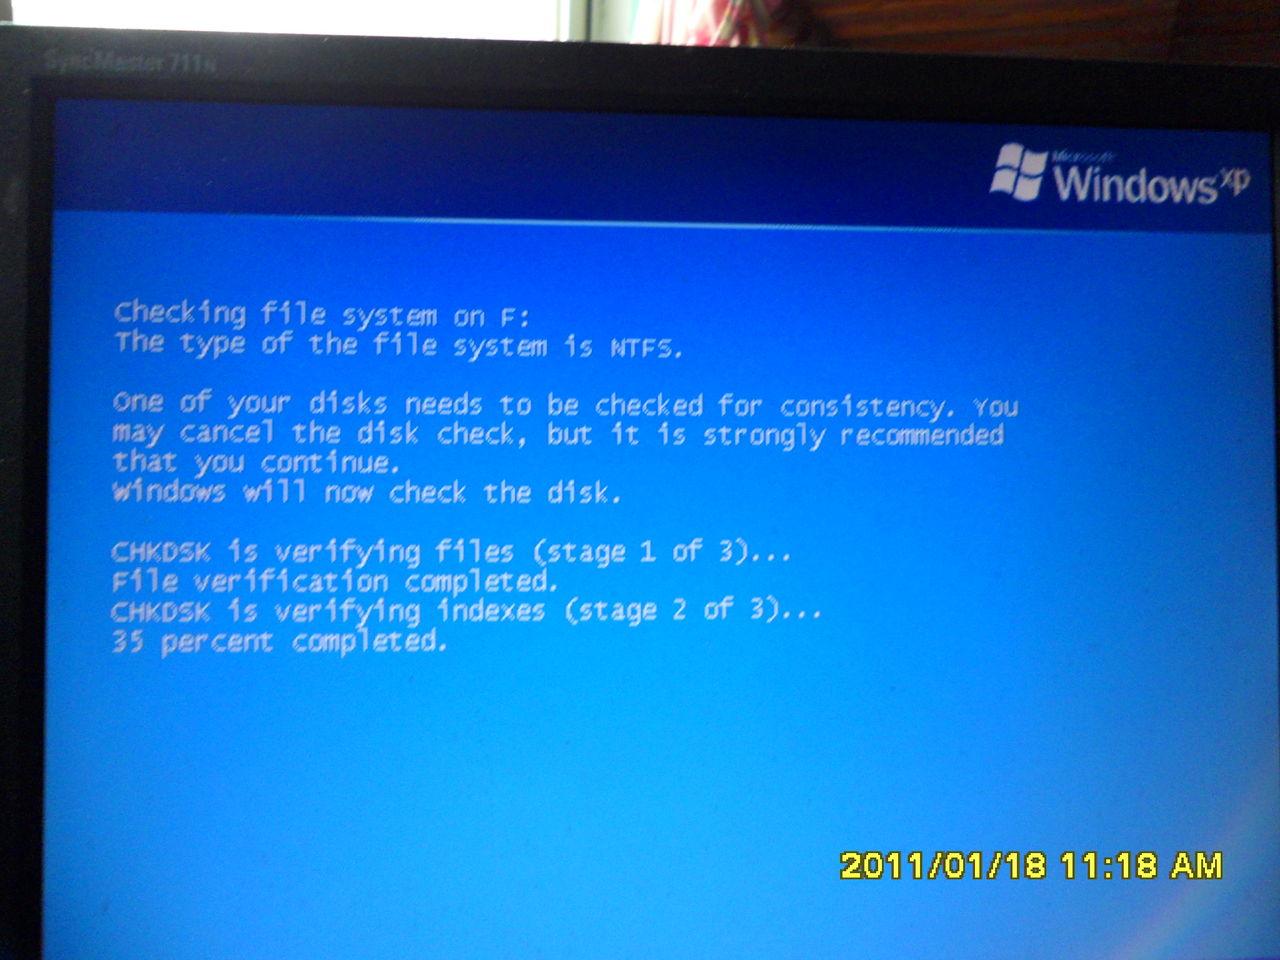 8mb开机显示winxp滚动条滚动两三下就直接进去桌面图片-电脑开机桌